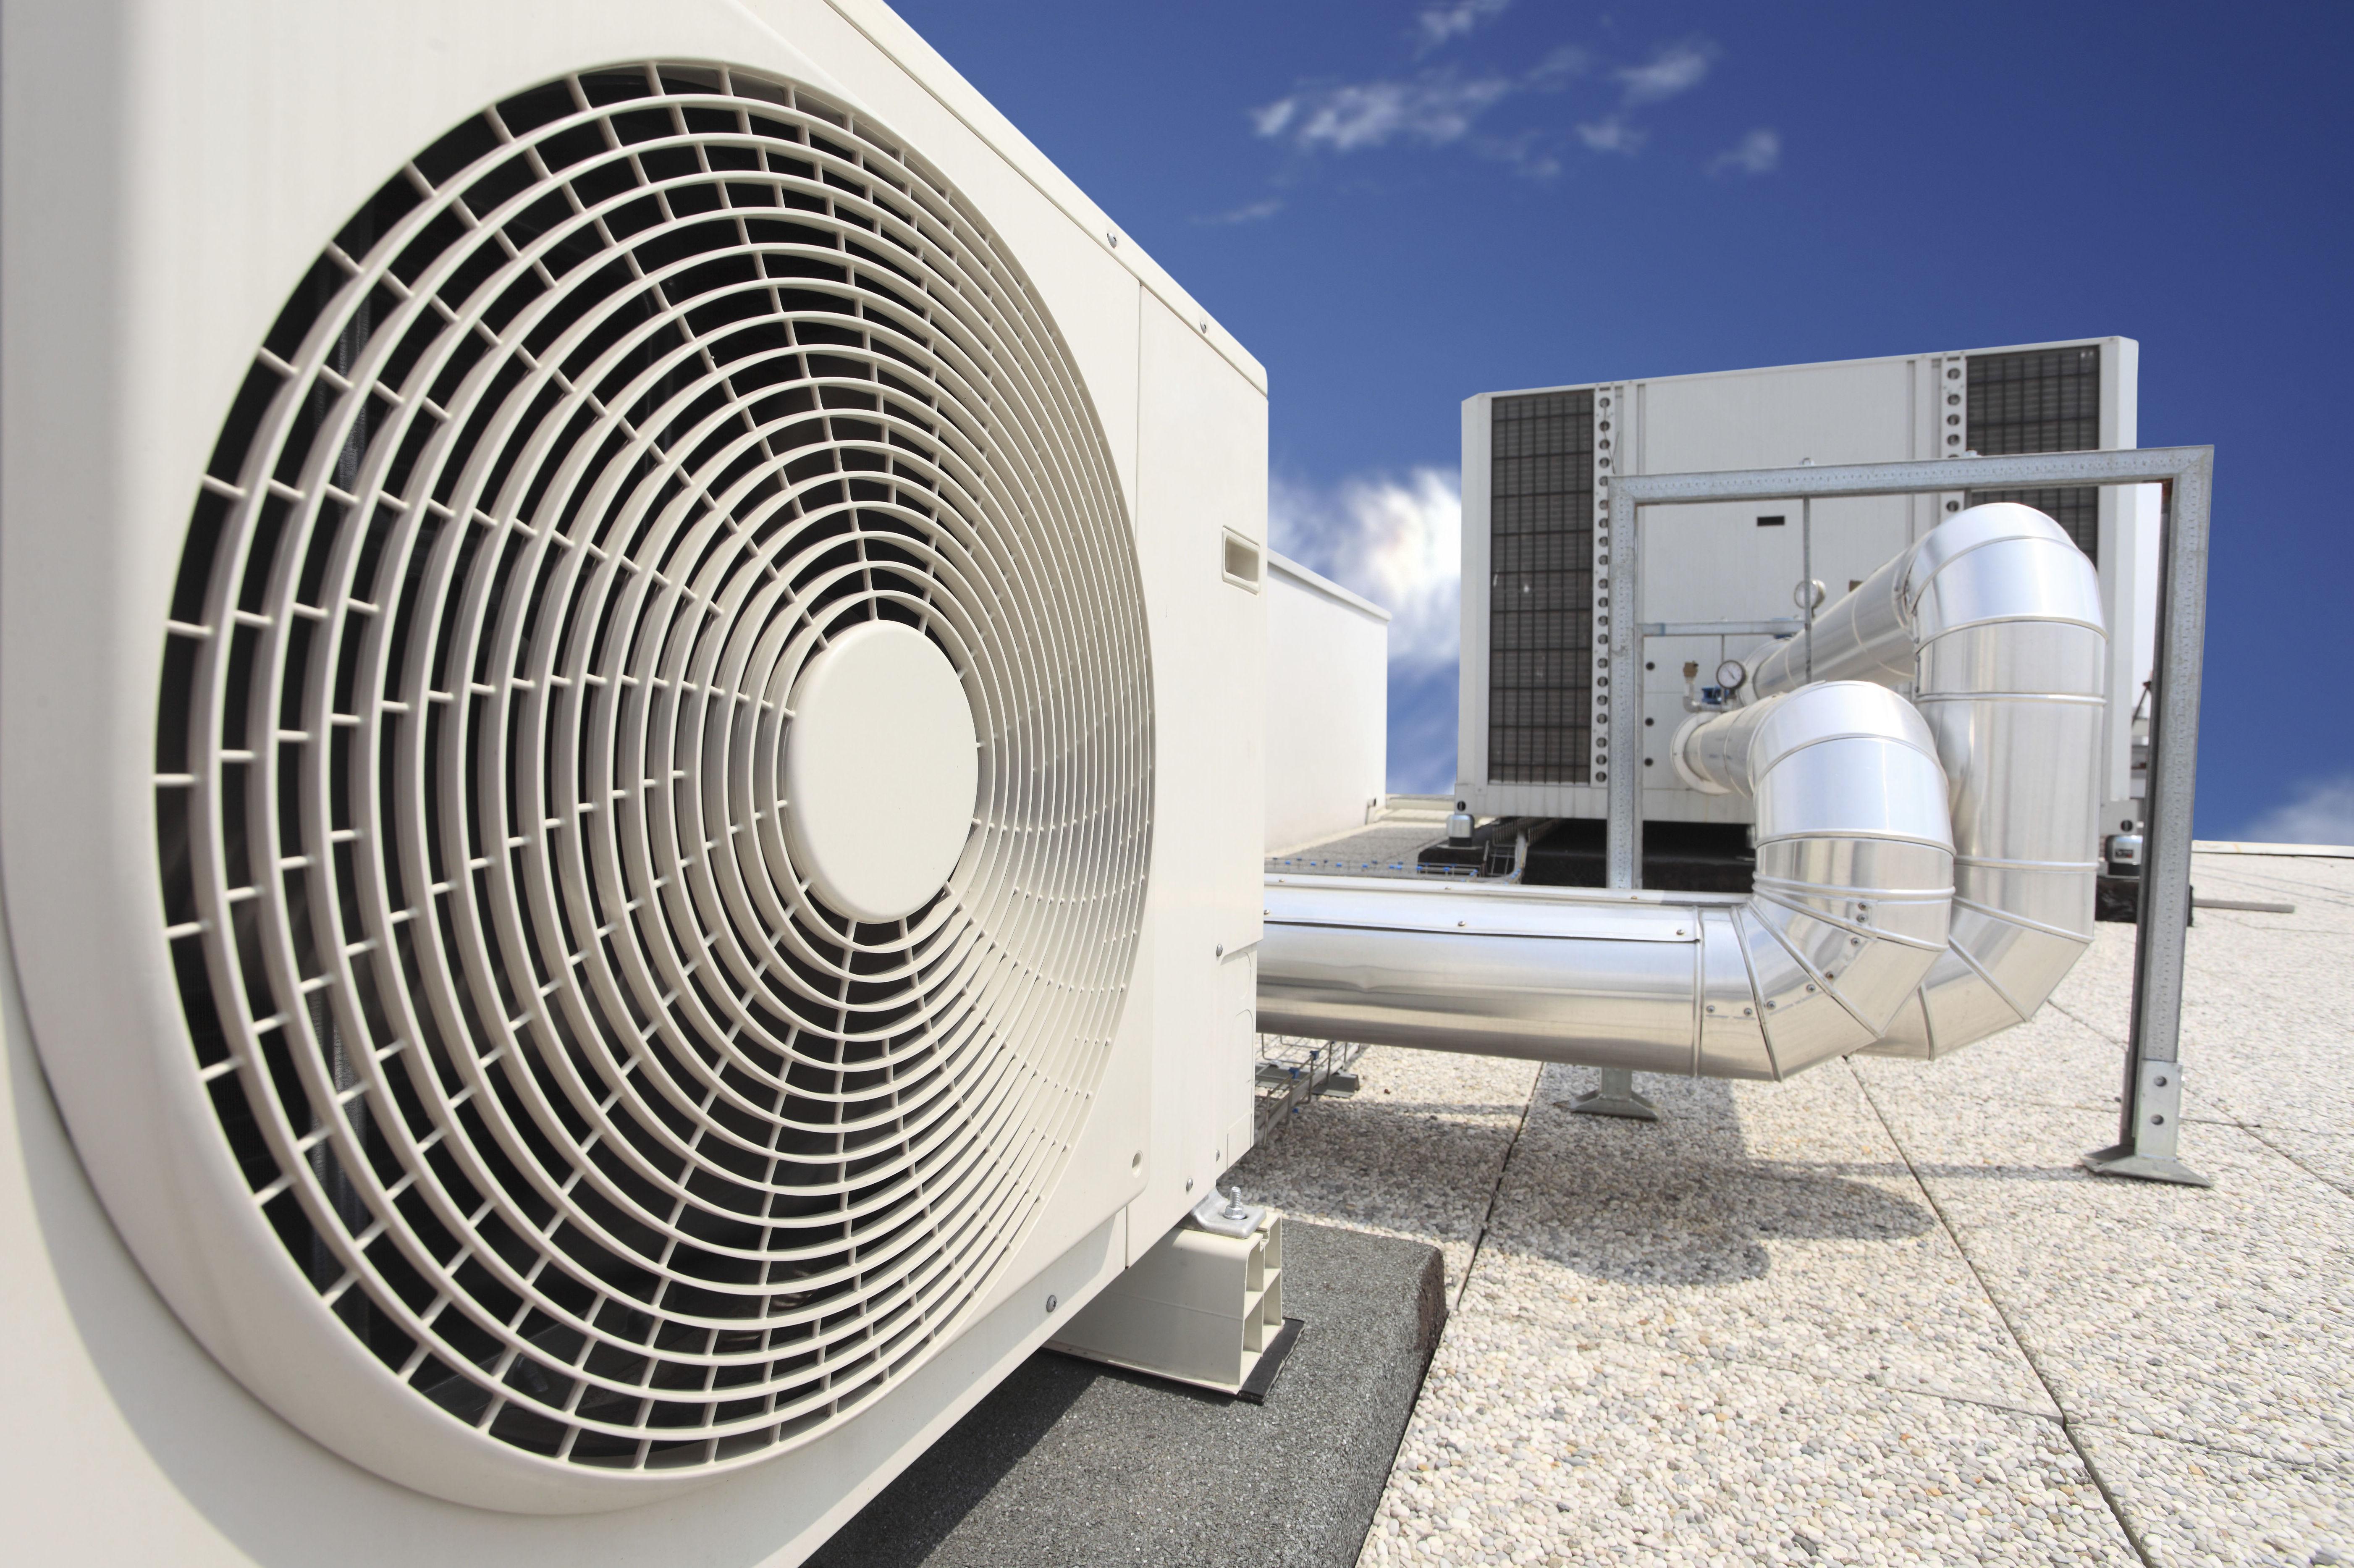 Climatización y calefacción : Nuestros servicios de Instala2